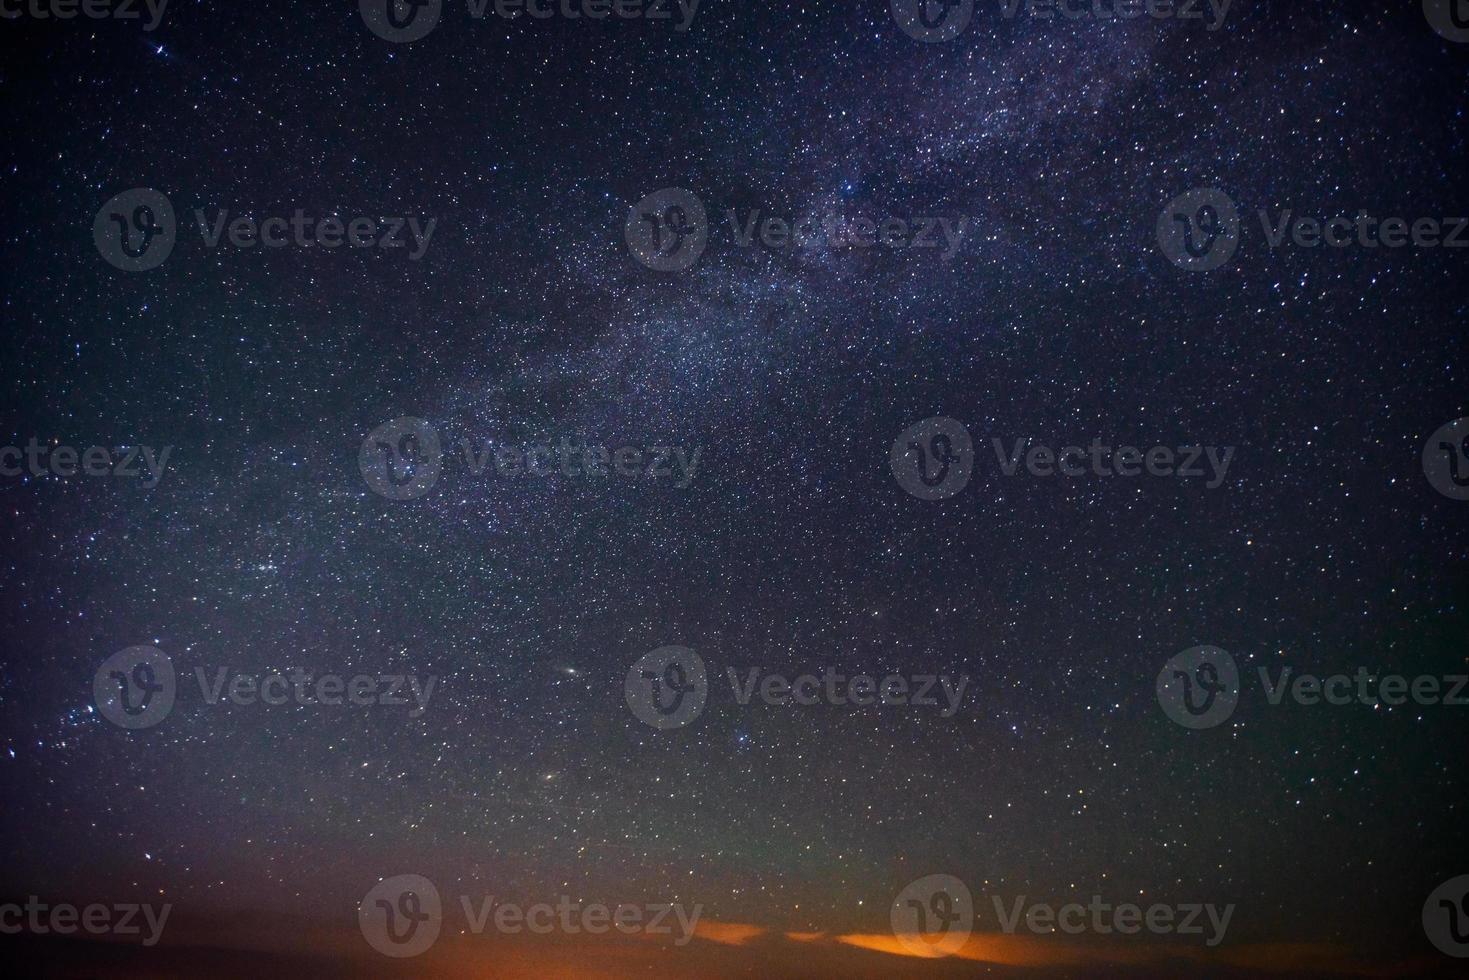 étoiles saupoudrées à travers le ciel nocturne bleu foncé photo